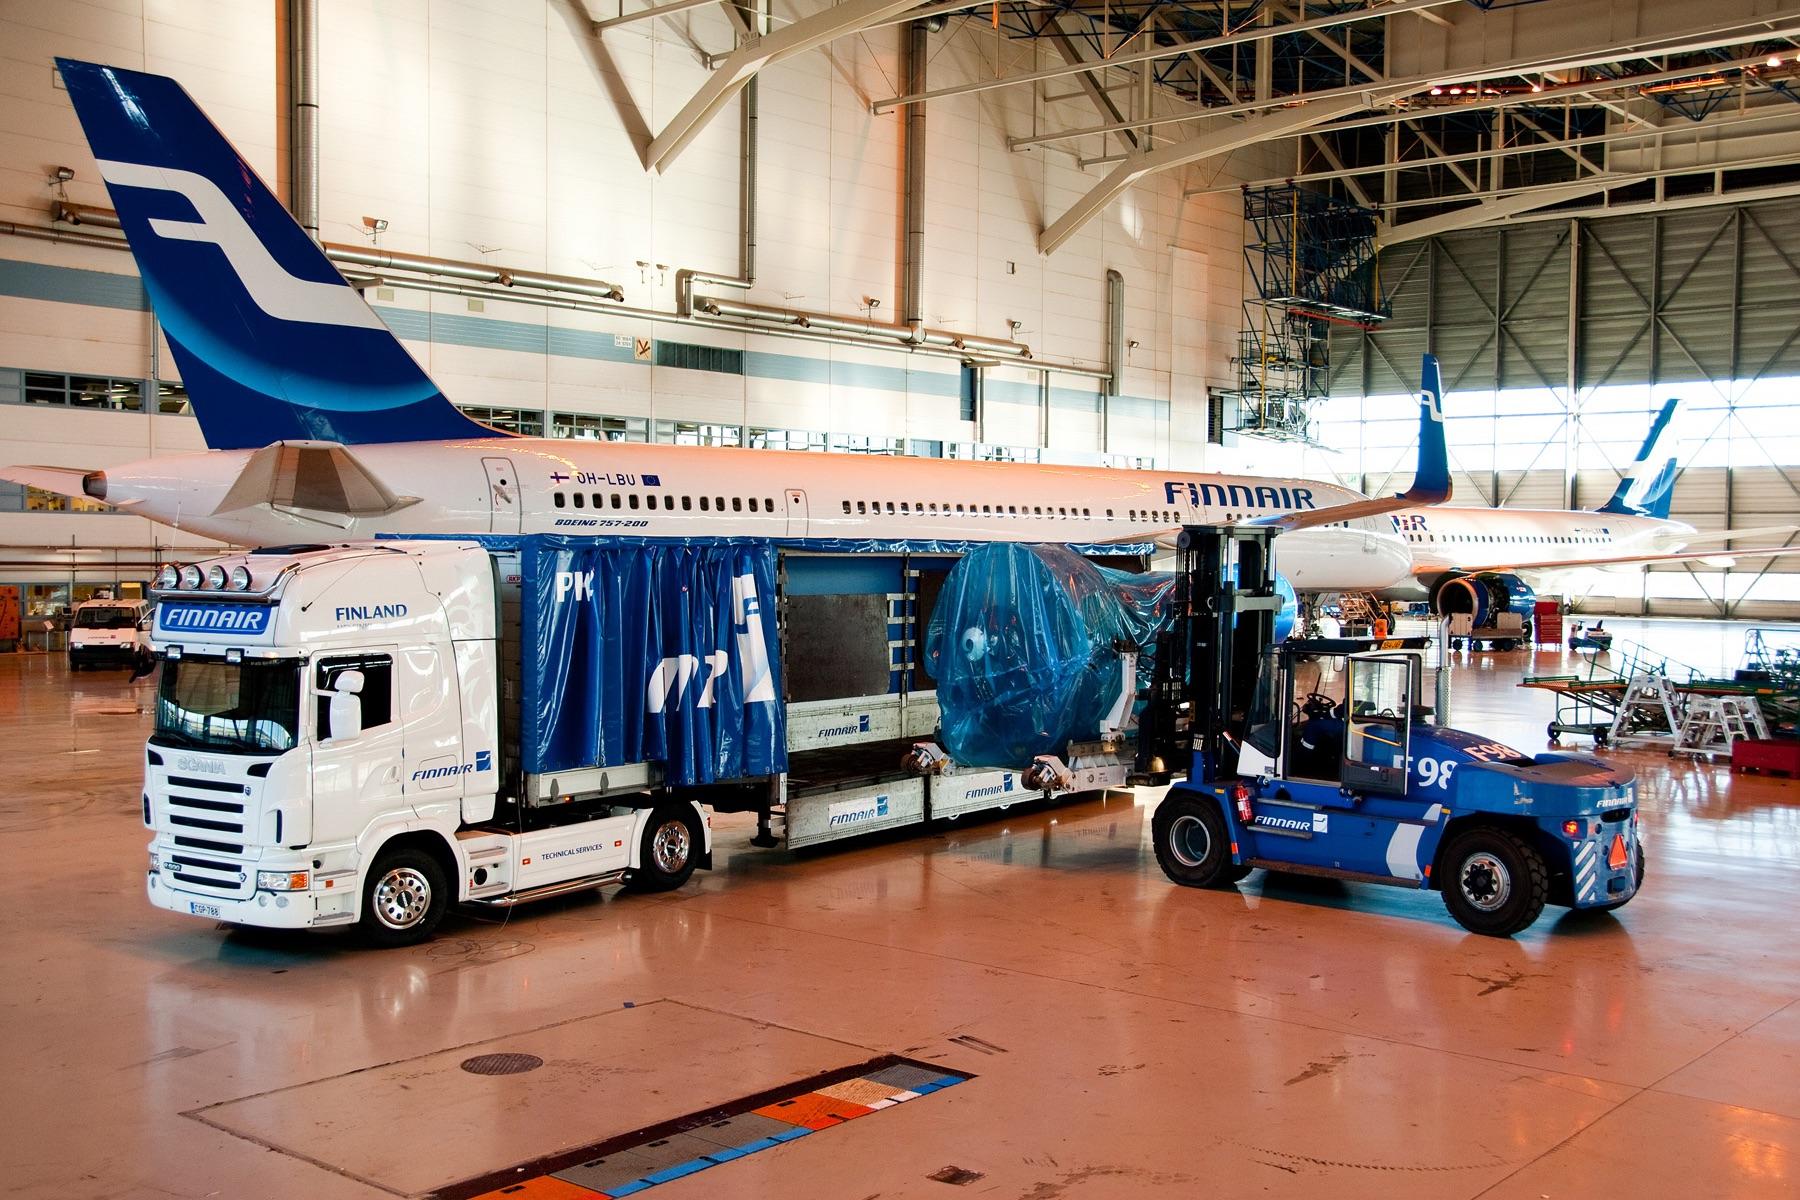 4シリーズは2004年のモデルチェンジで「初代PRT(PGR)シリーズ」に進化を遂げた